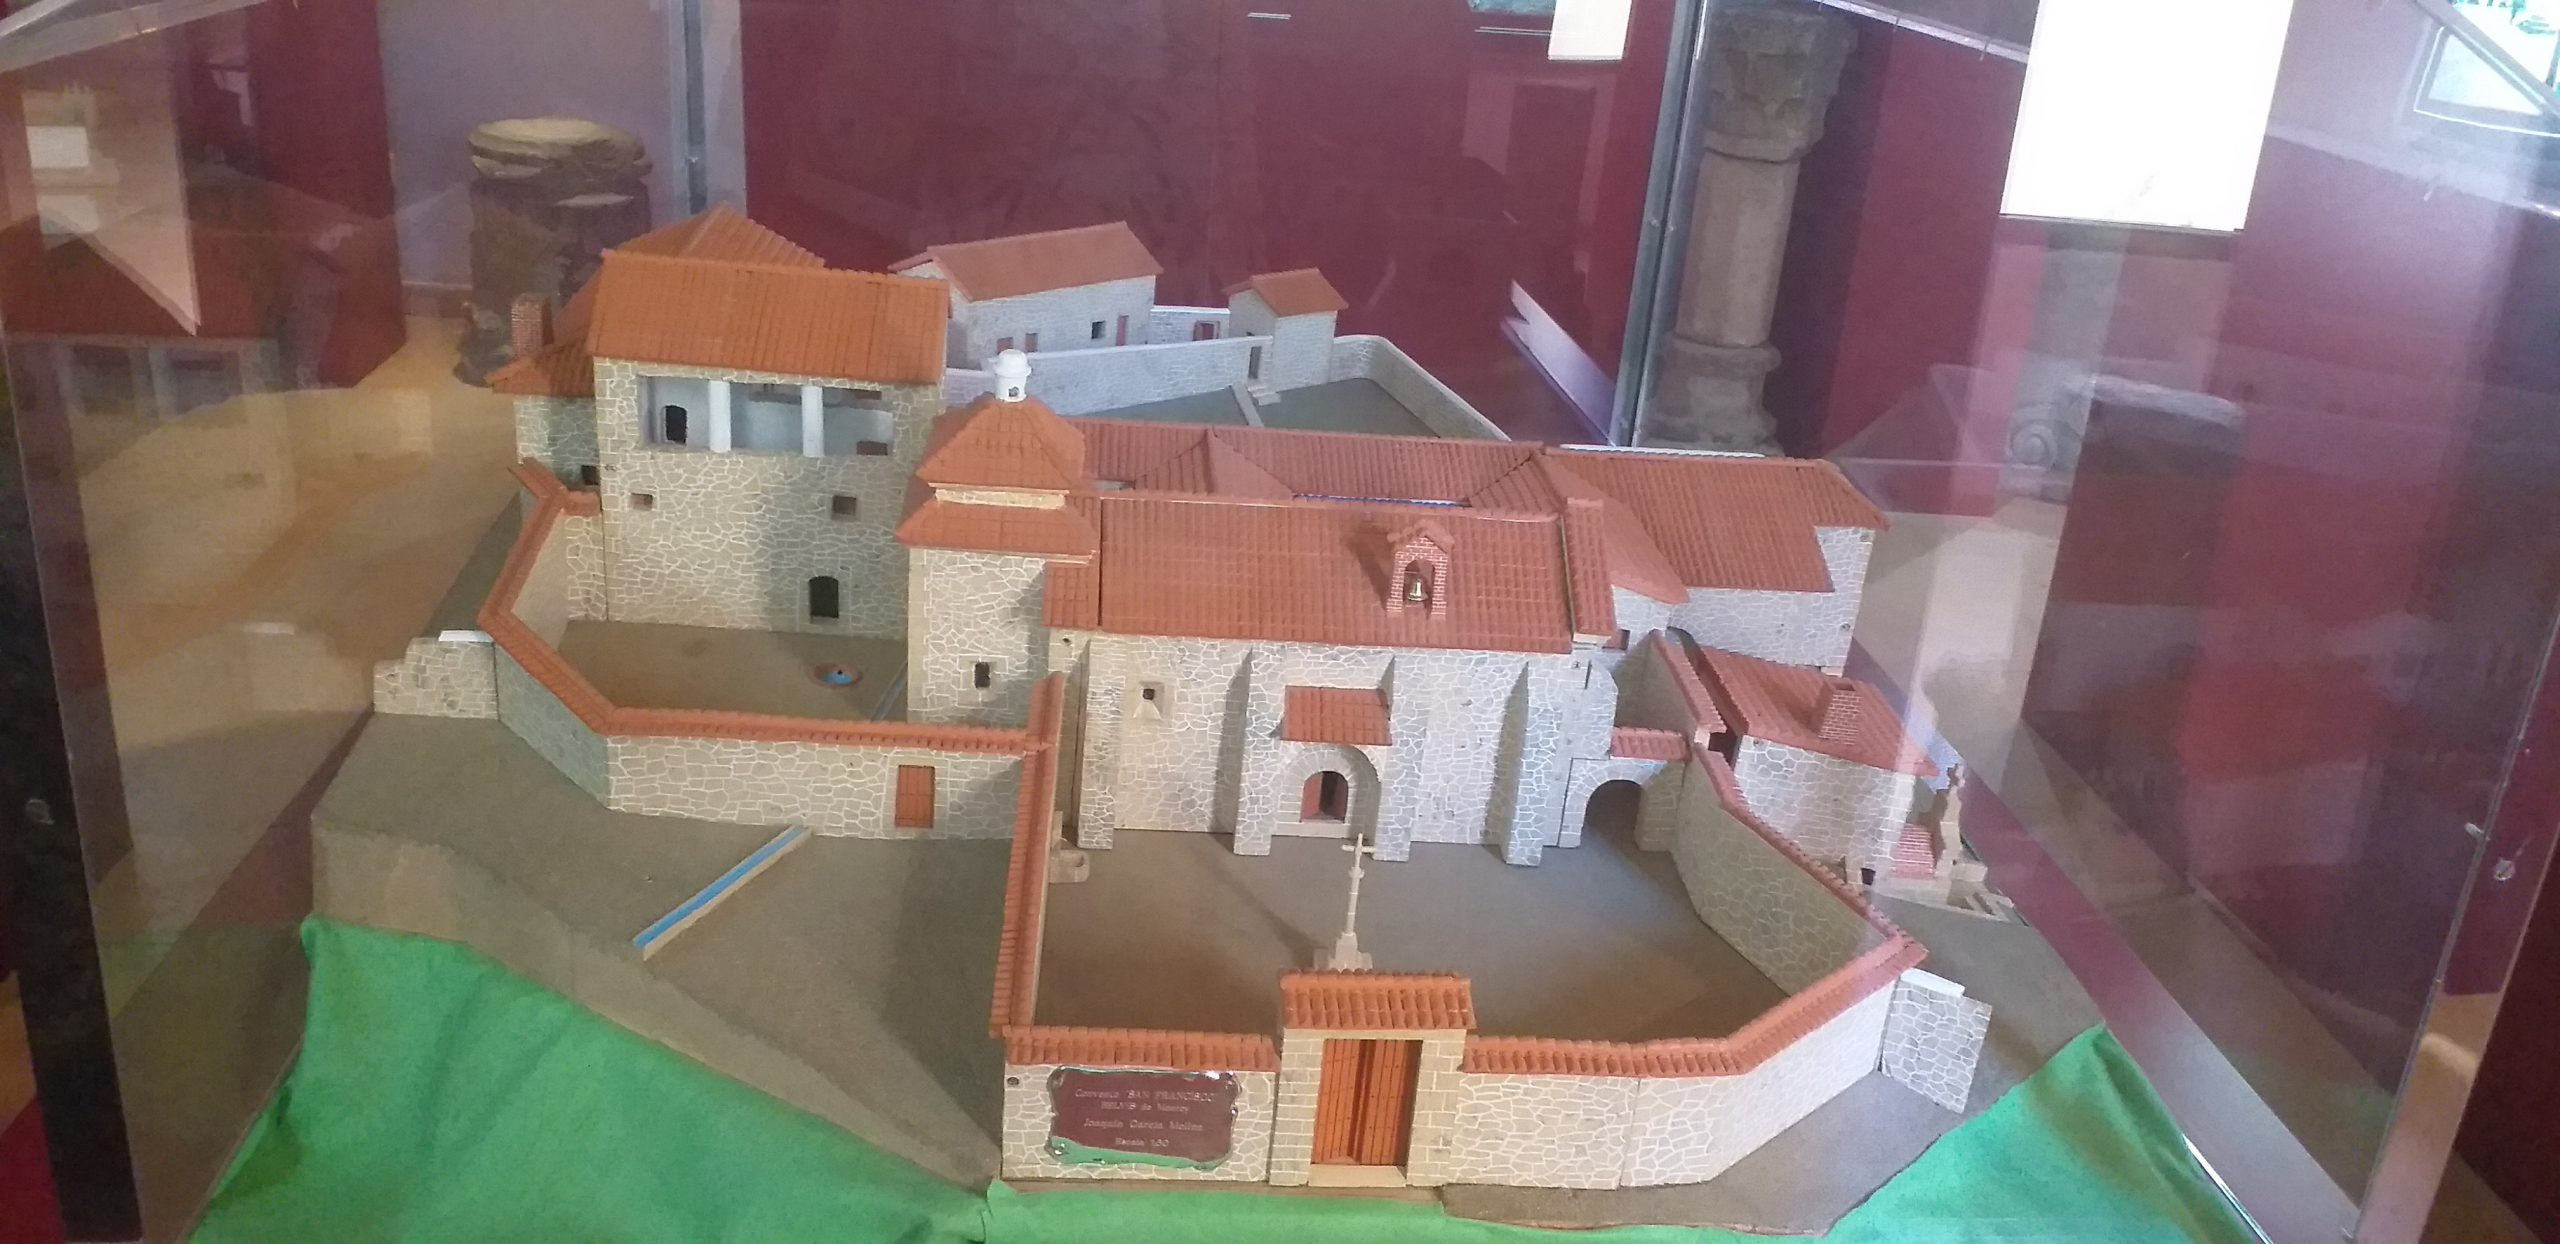 Maqueta Convento San Francisco Belvís de Monroy